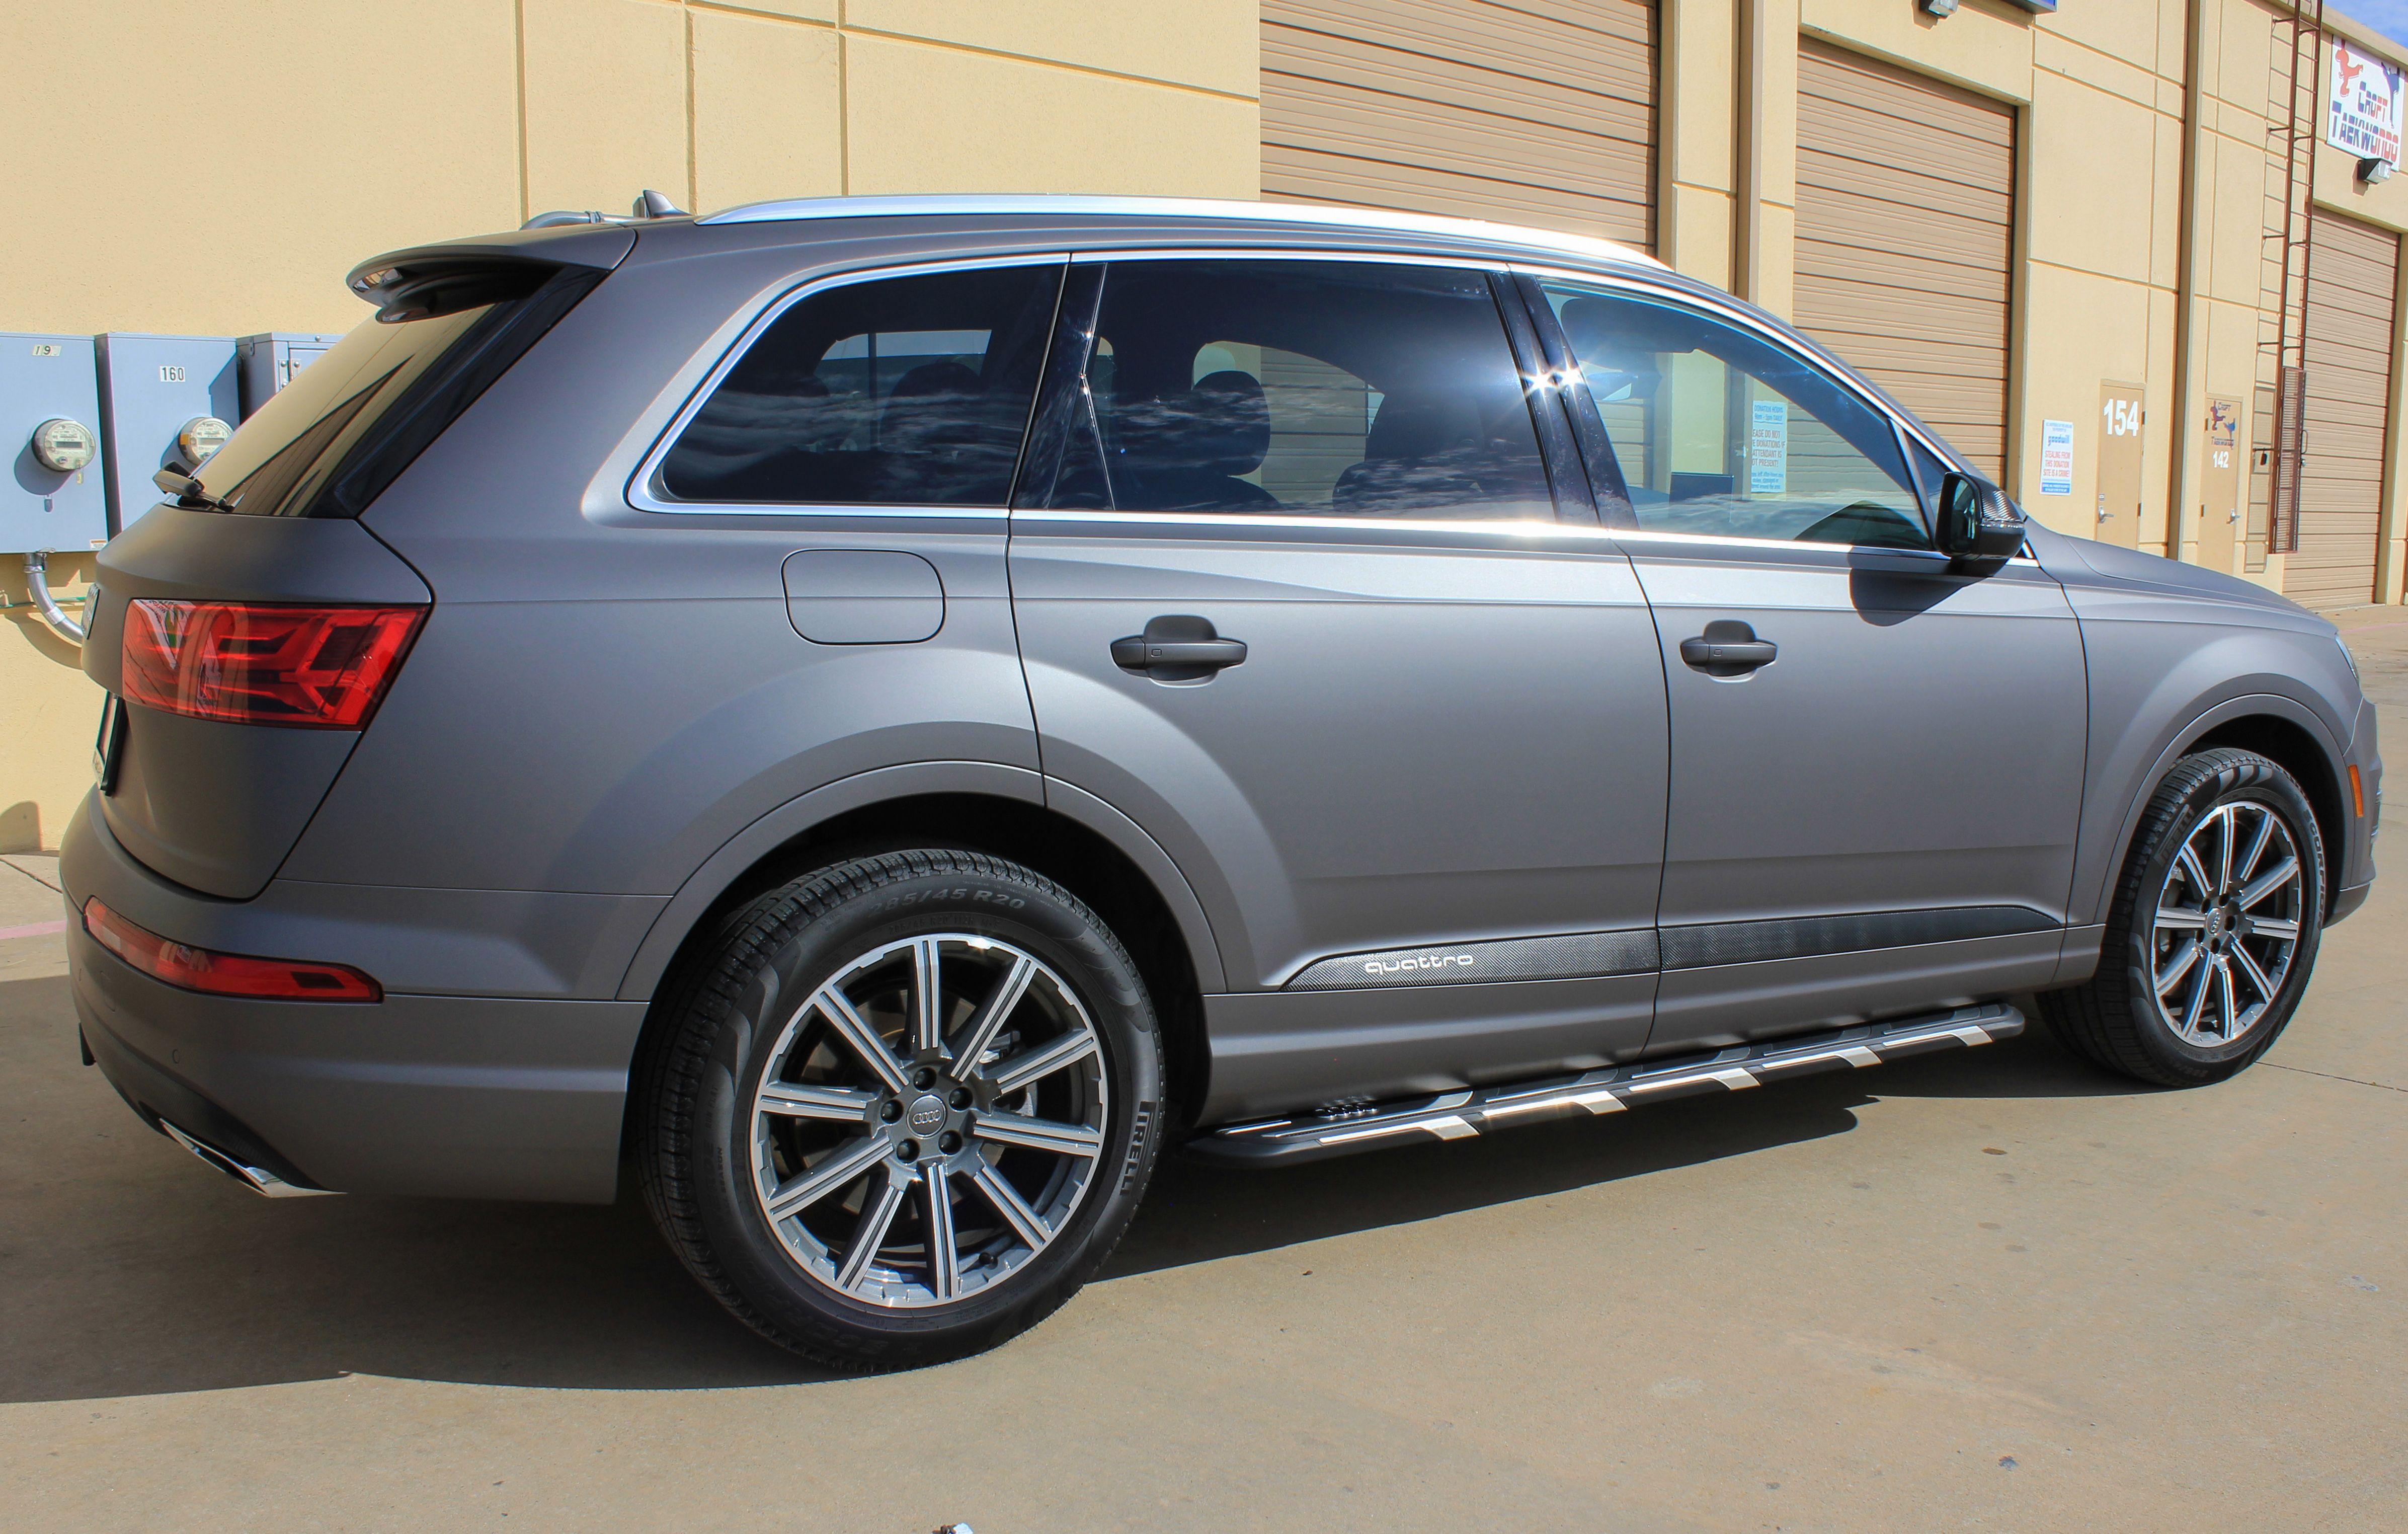 Matte Charcoal Metallic Wrap On Audi Q7 Car Wrap Car Audi Q7